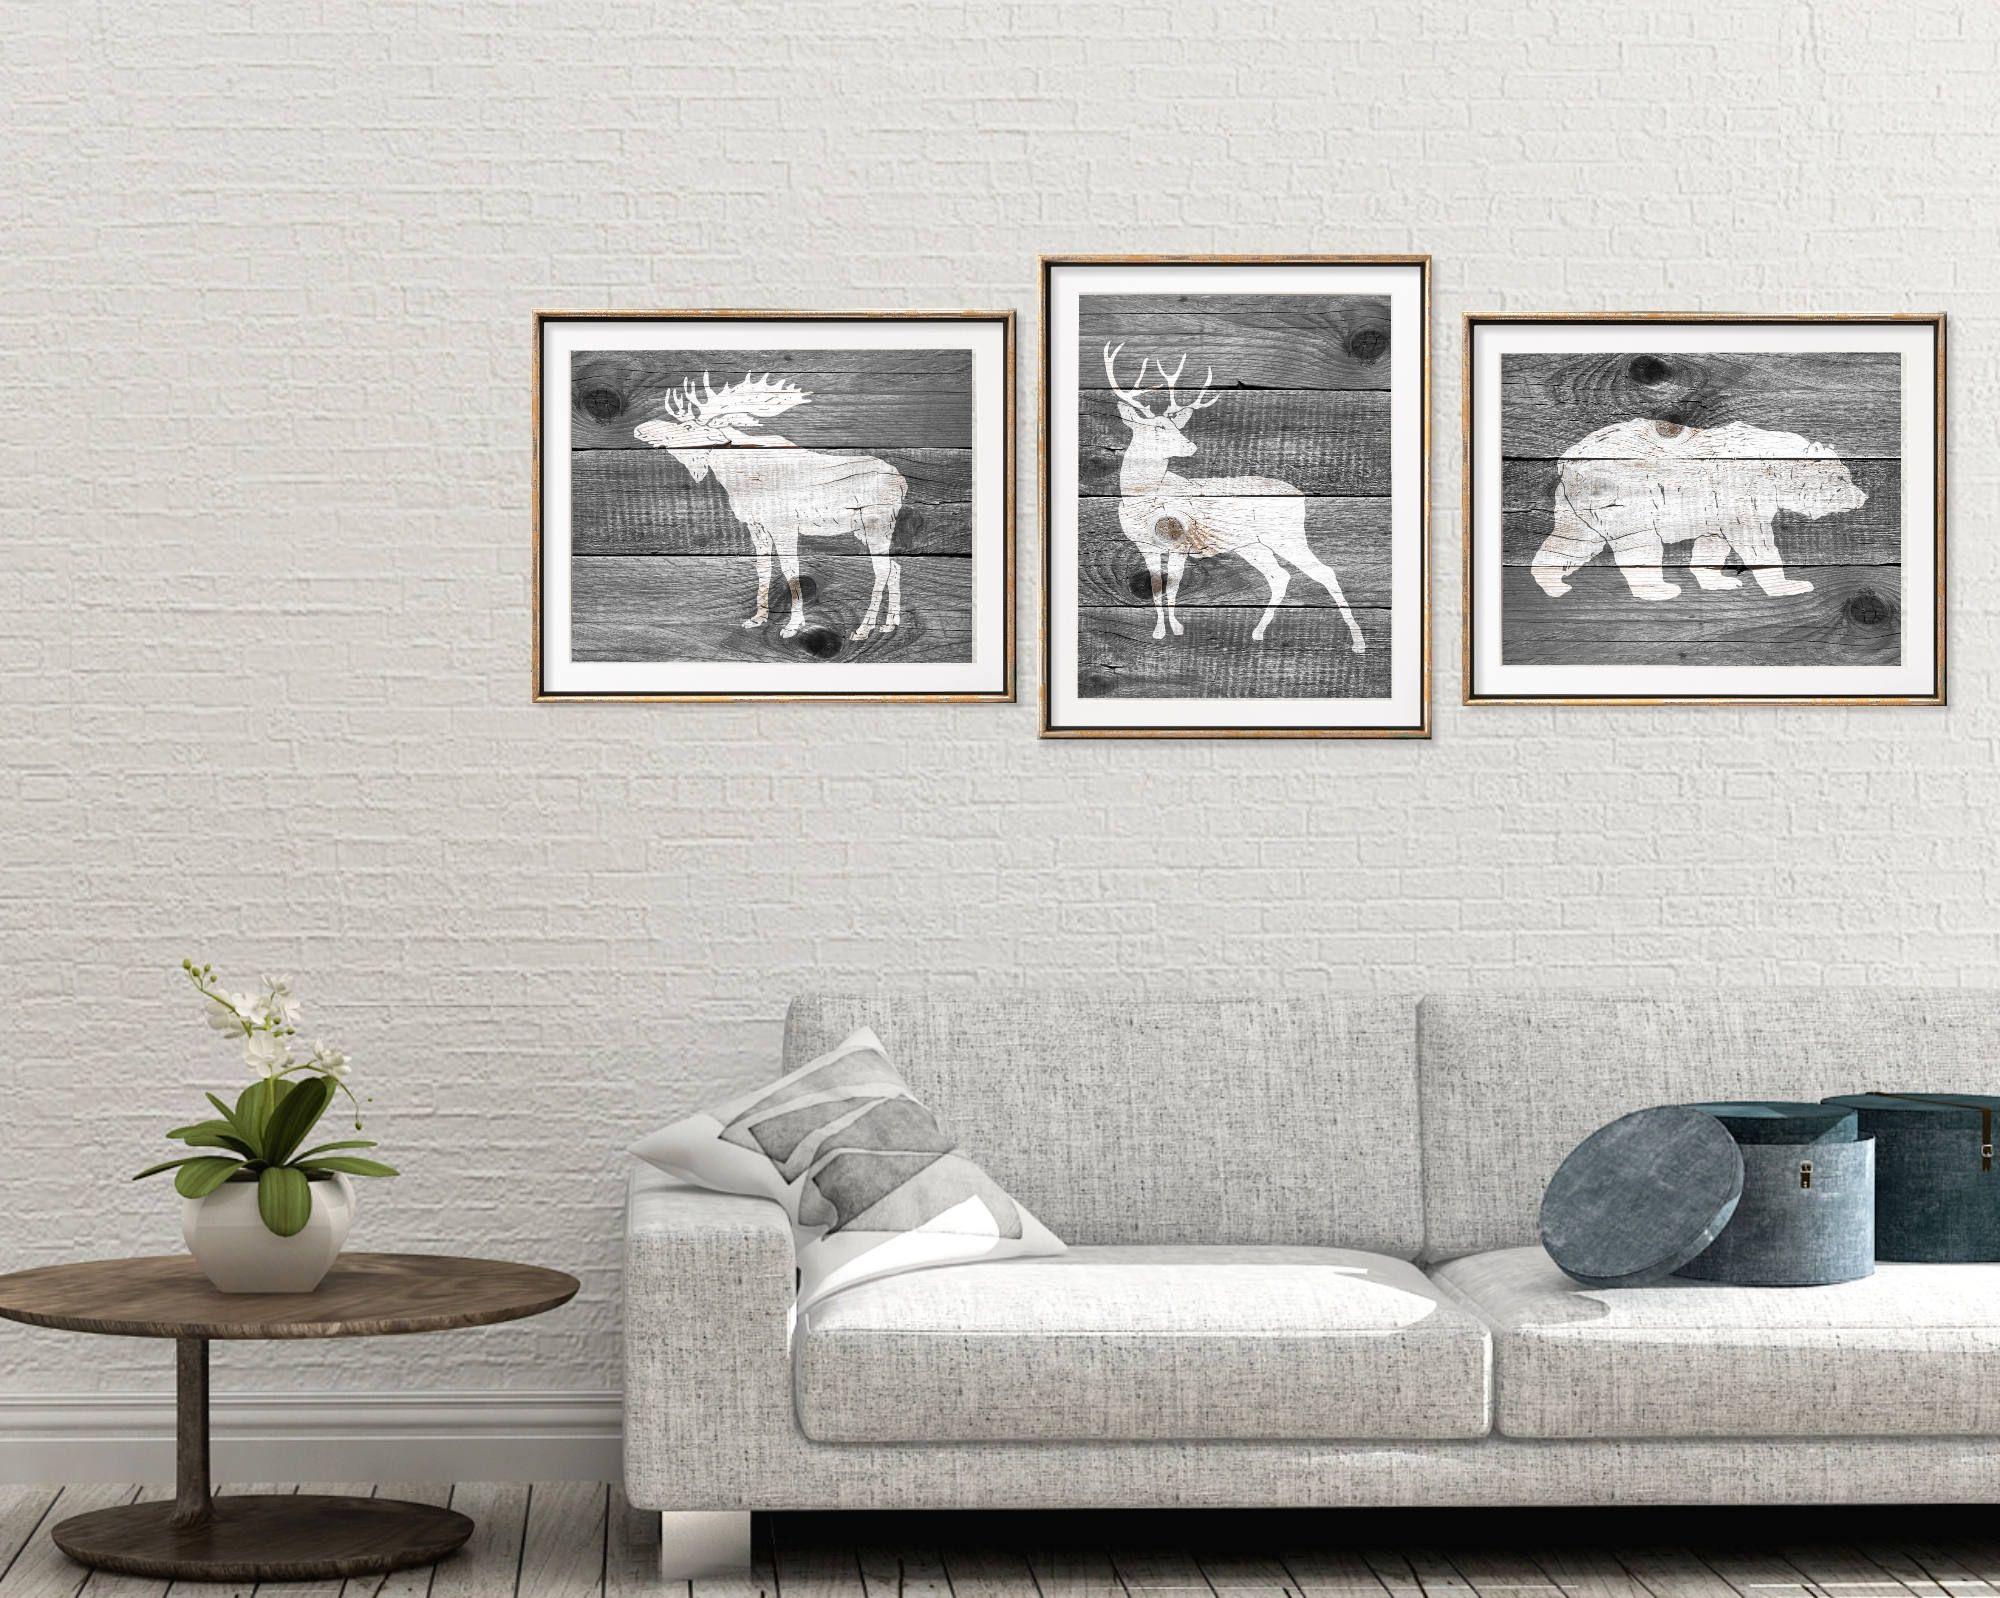 Rustic woodland nursery art set of prints rustic animal art set